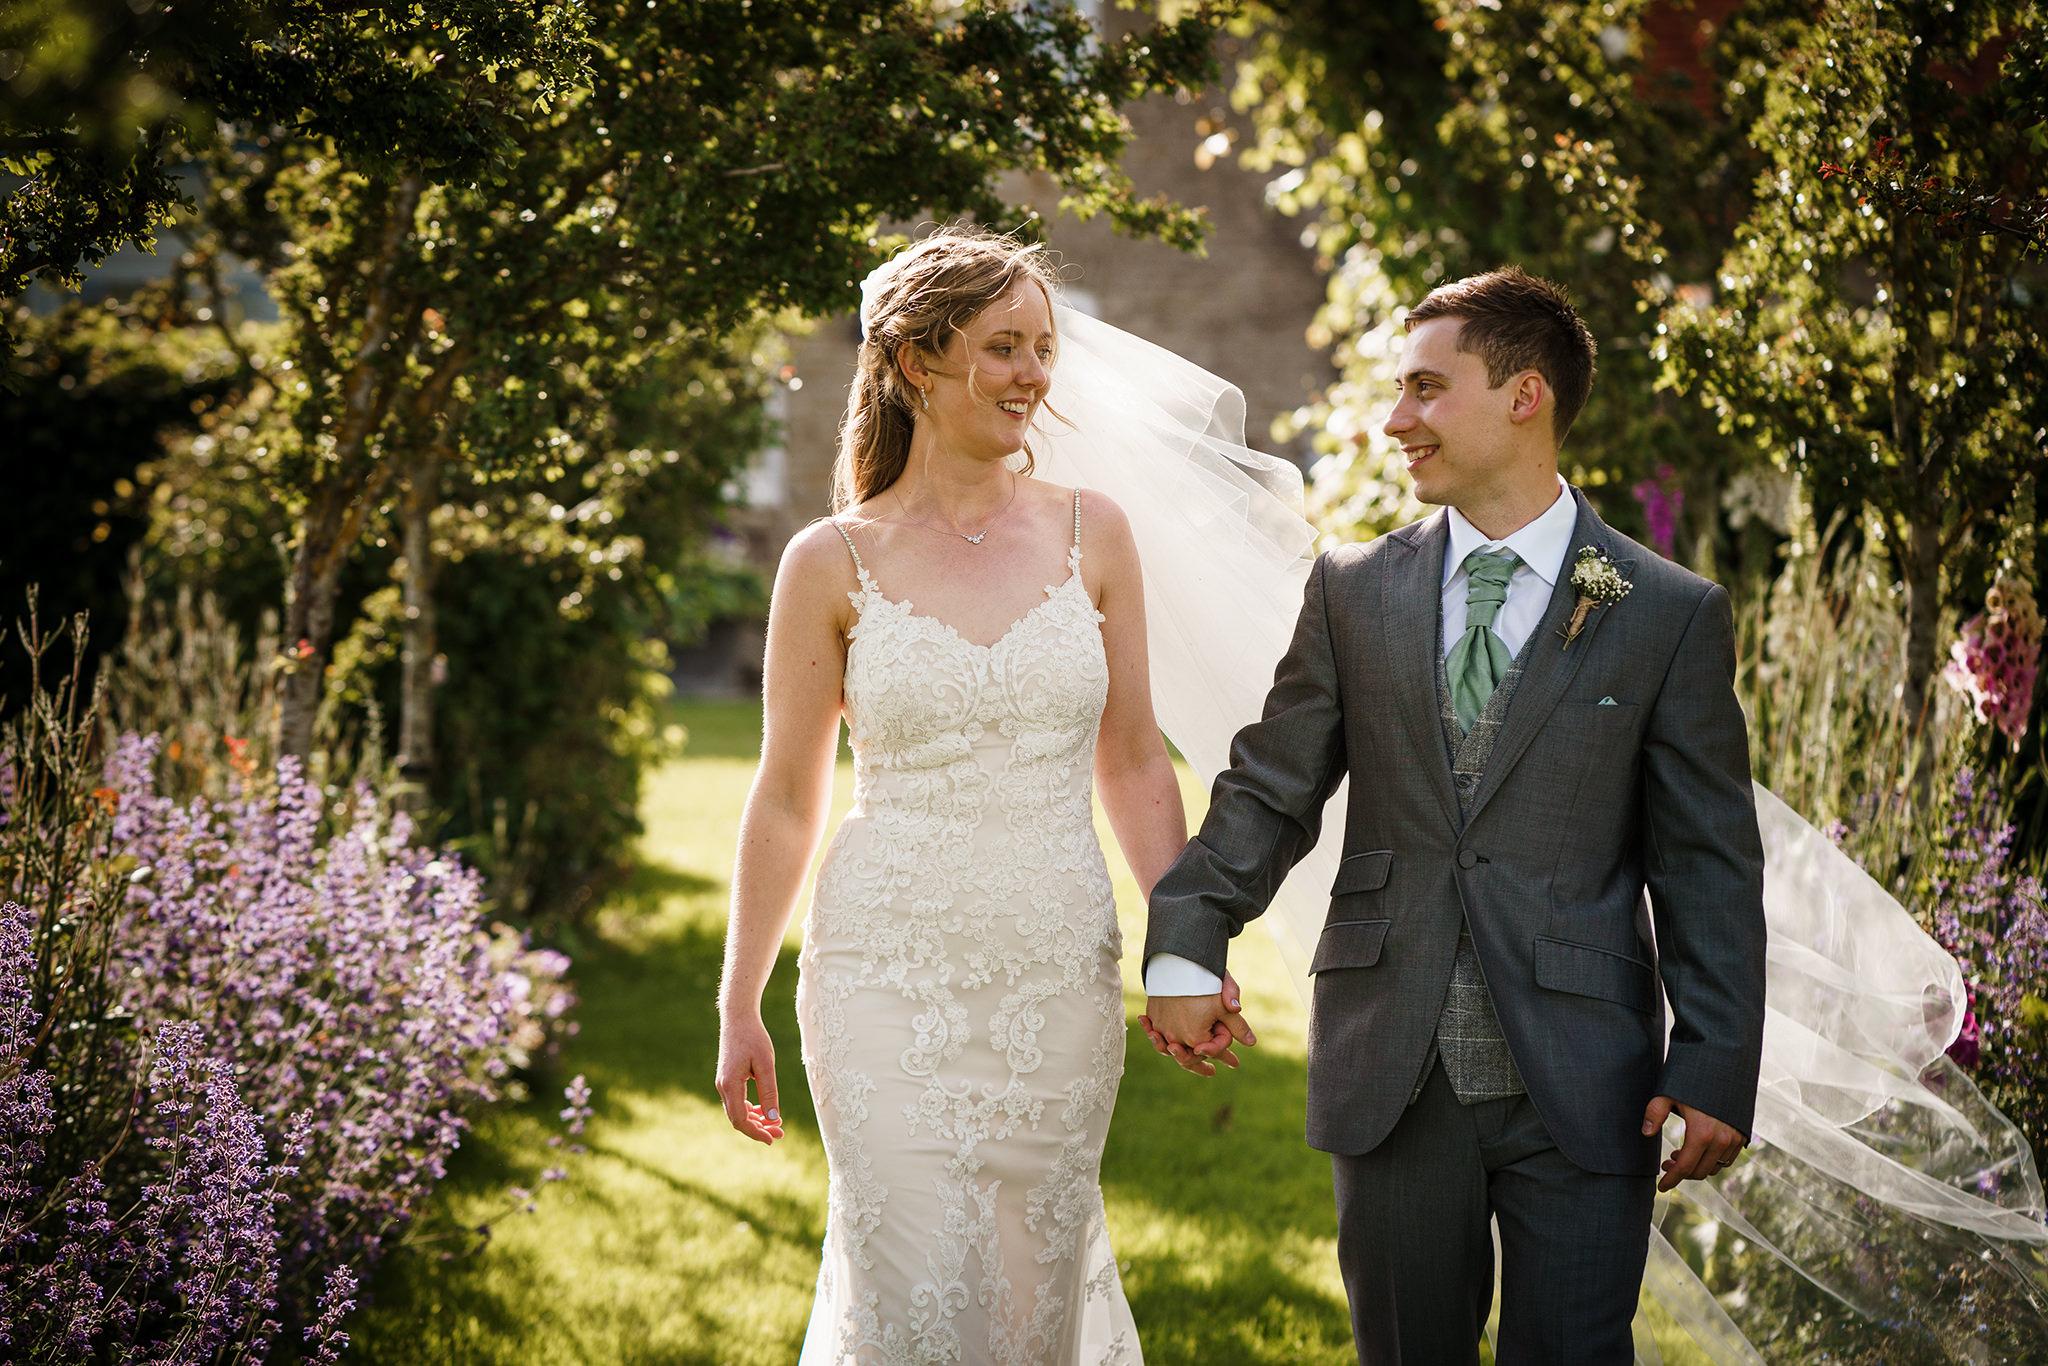 Wedding Gallery - Stratton Court Barn, Oxfordshire